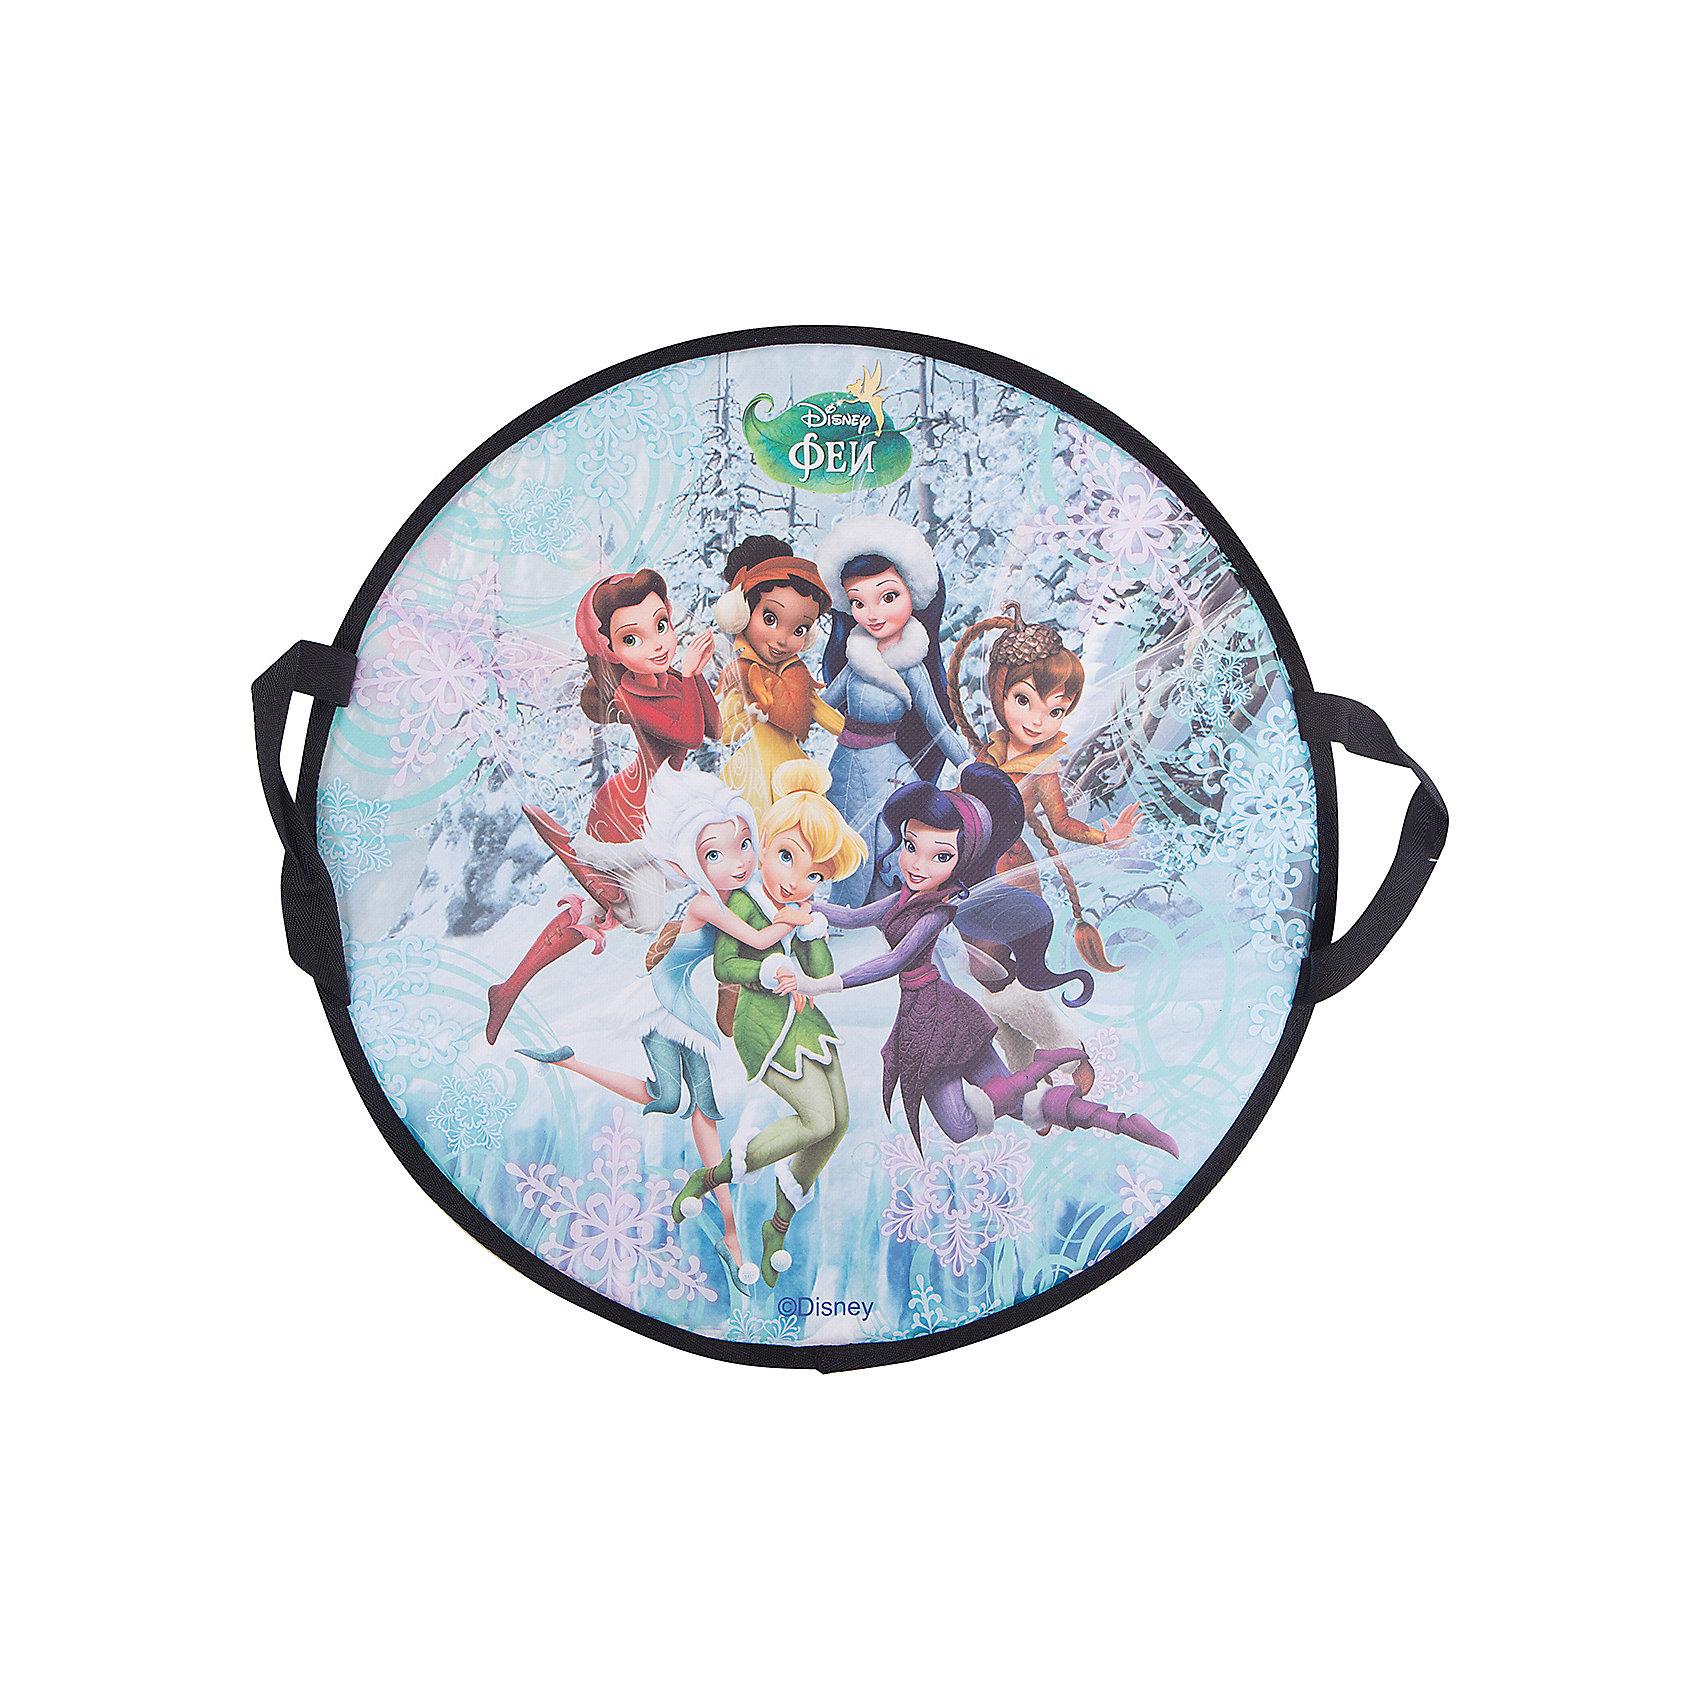 Disney Ледянка Фея, 52 см, круглая, Disney ледянки disney ледянка disney фея круглая 52 см